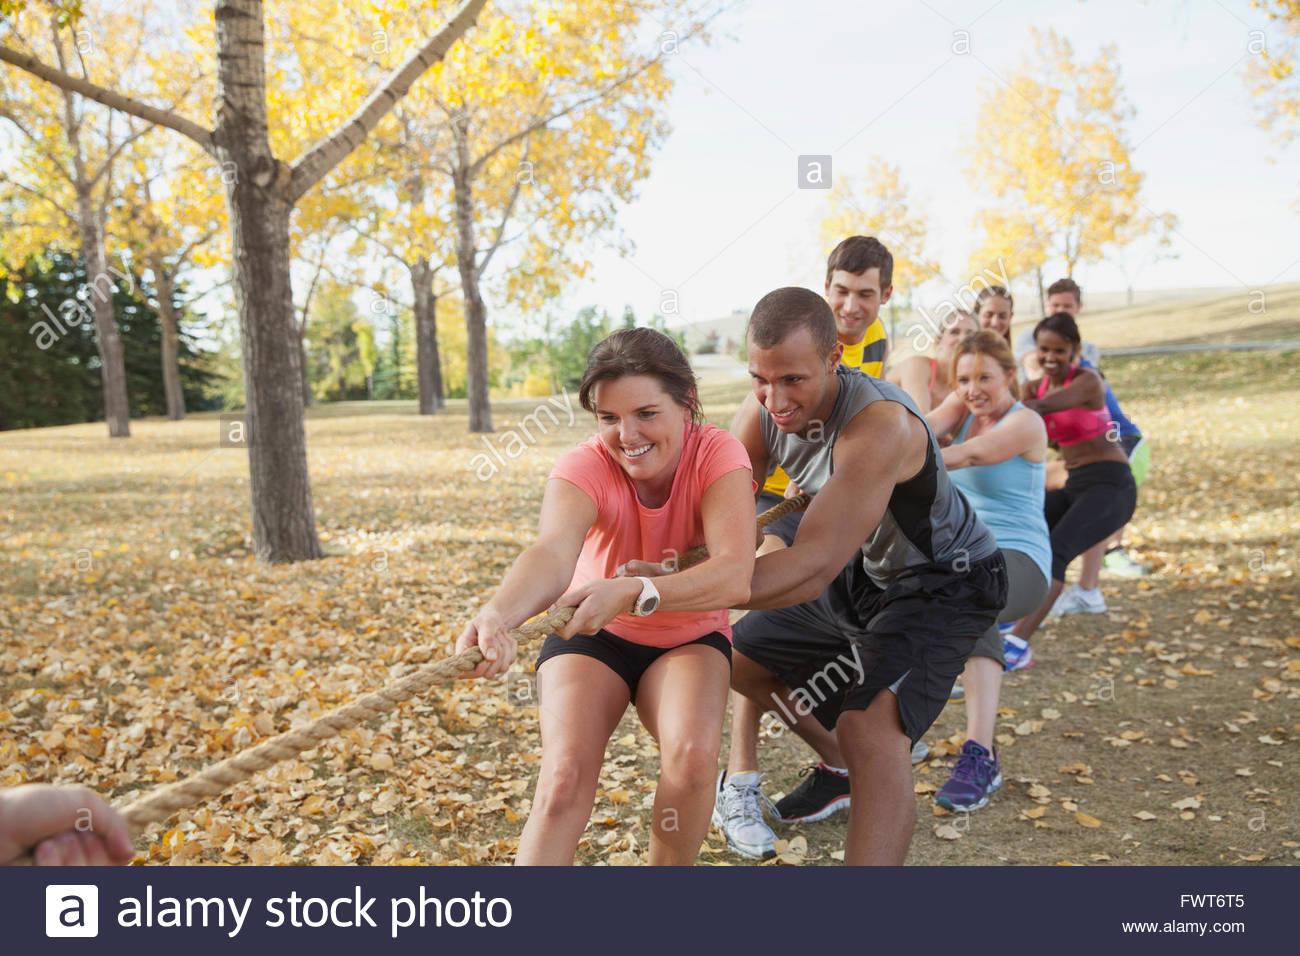 Lezione di fitness facendo rimorchiatore di guerra all'esterno. Immagini Stock